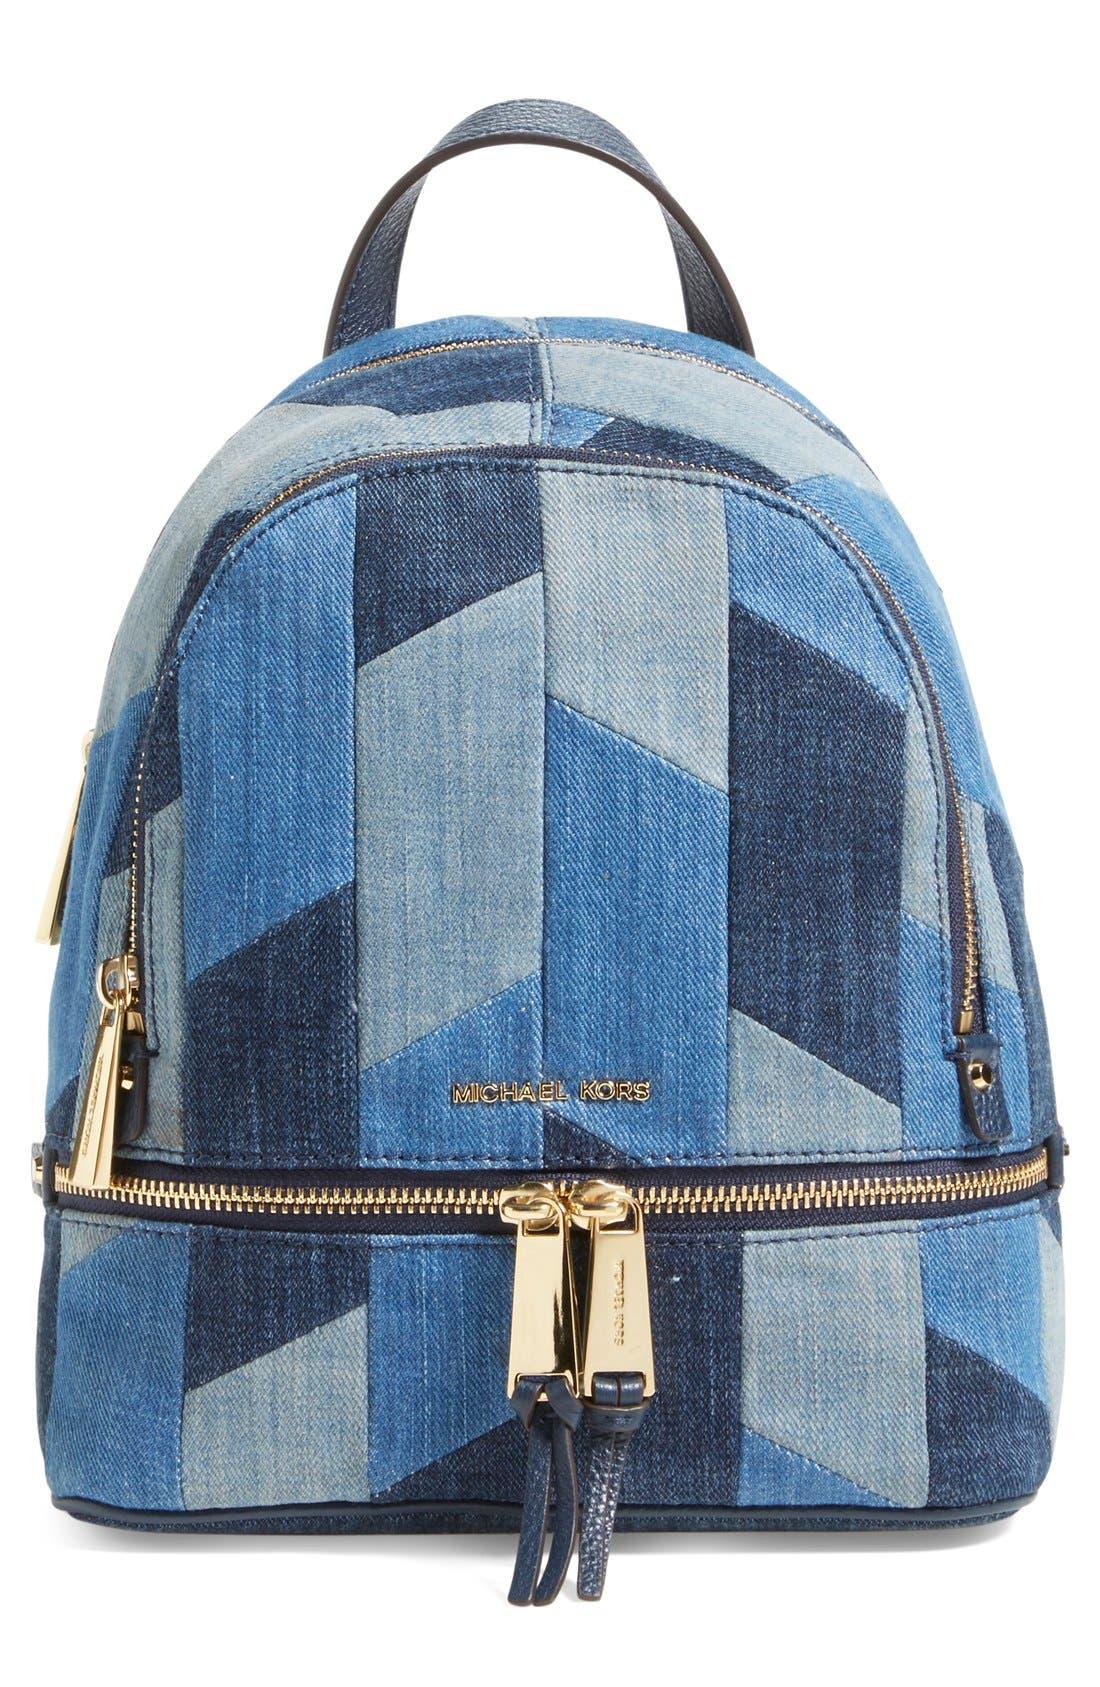 Alternate Image 1 Selected - Michael Kors 'Small Rhea Zip' Denim Backpack